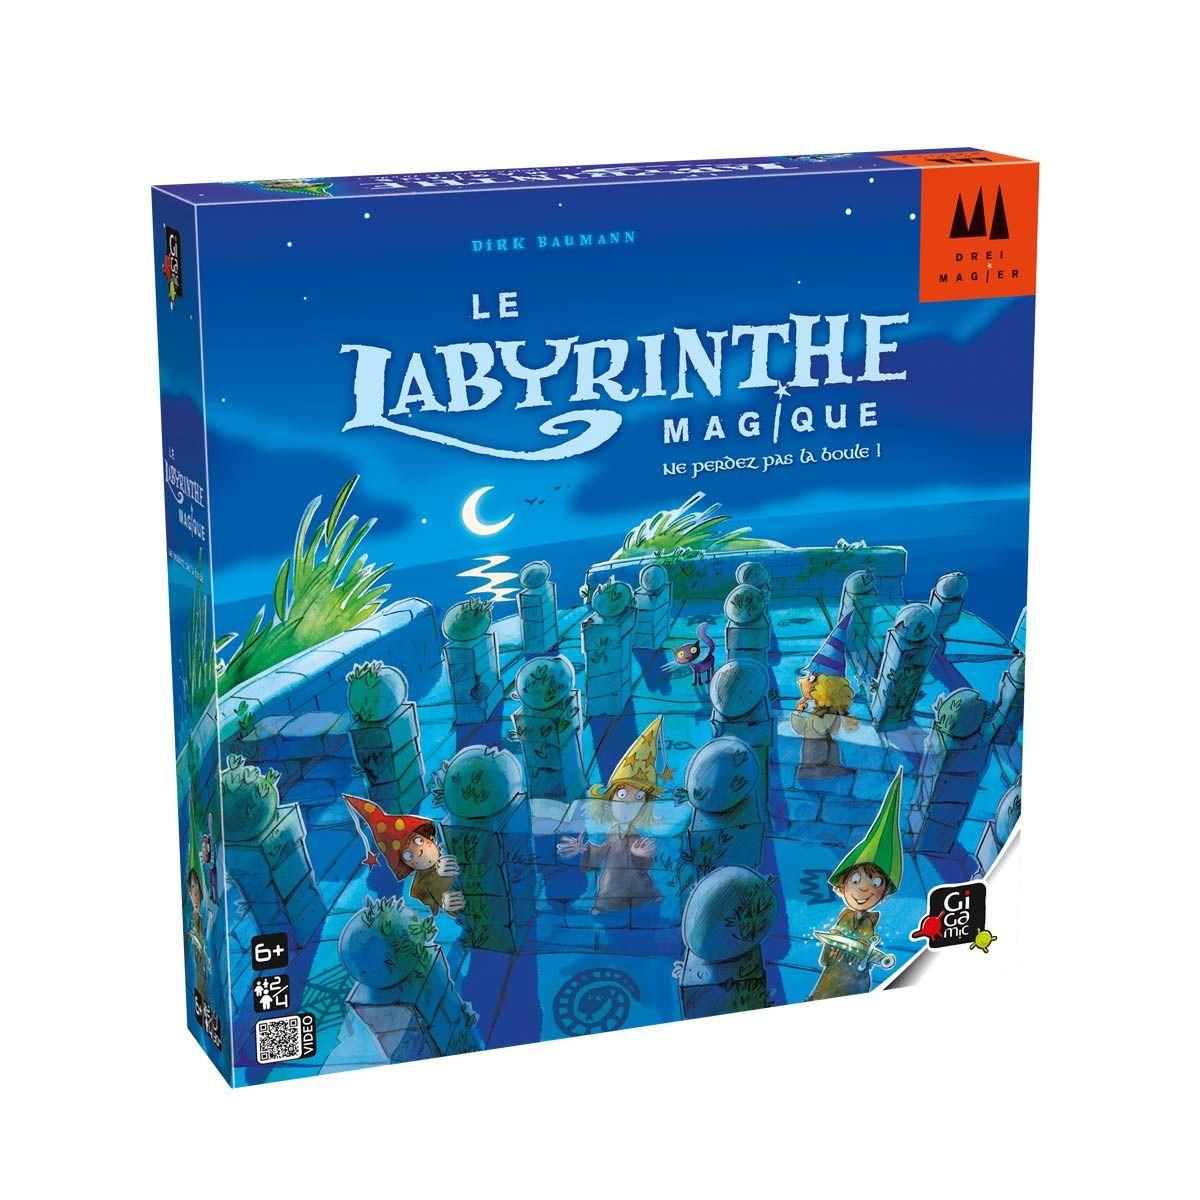 Jeu De Societe Le Labyrinthe Magique Gigamic Pour Enfant De 6 Ans A 10 Ans Oxybul Eveil Et Jeux Jeux De Societe Enfant Jeux De Societe Jeux